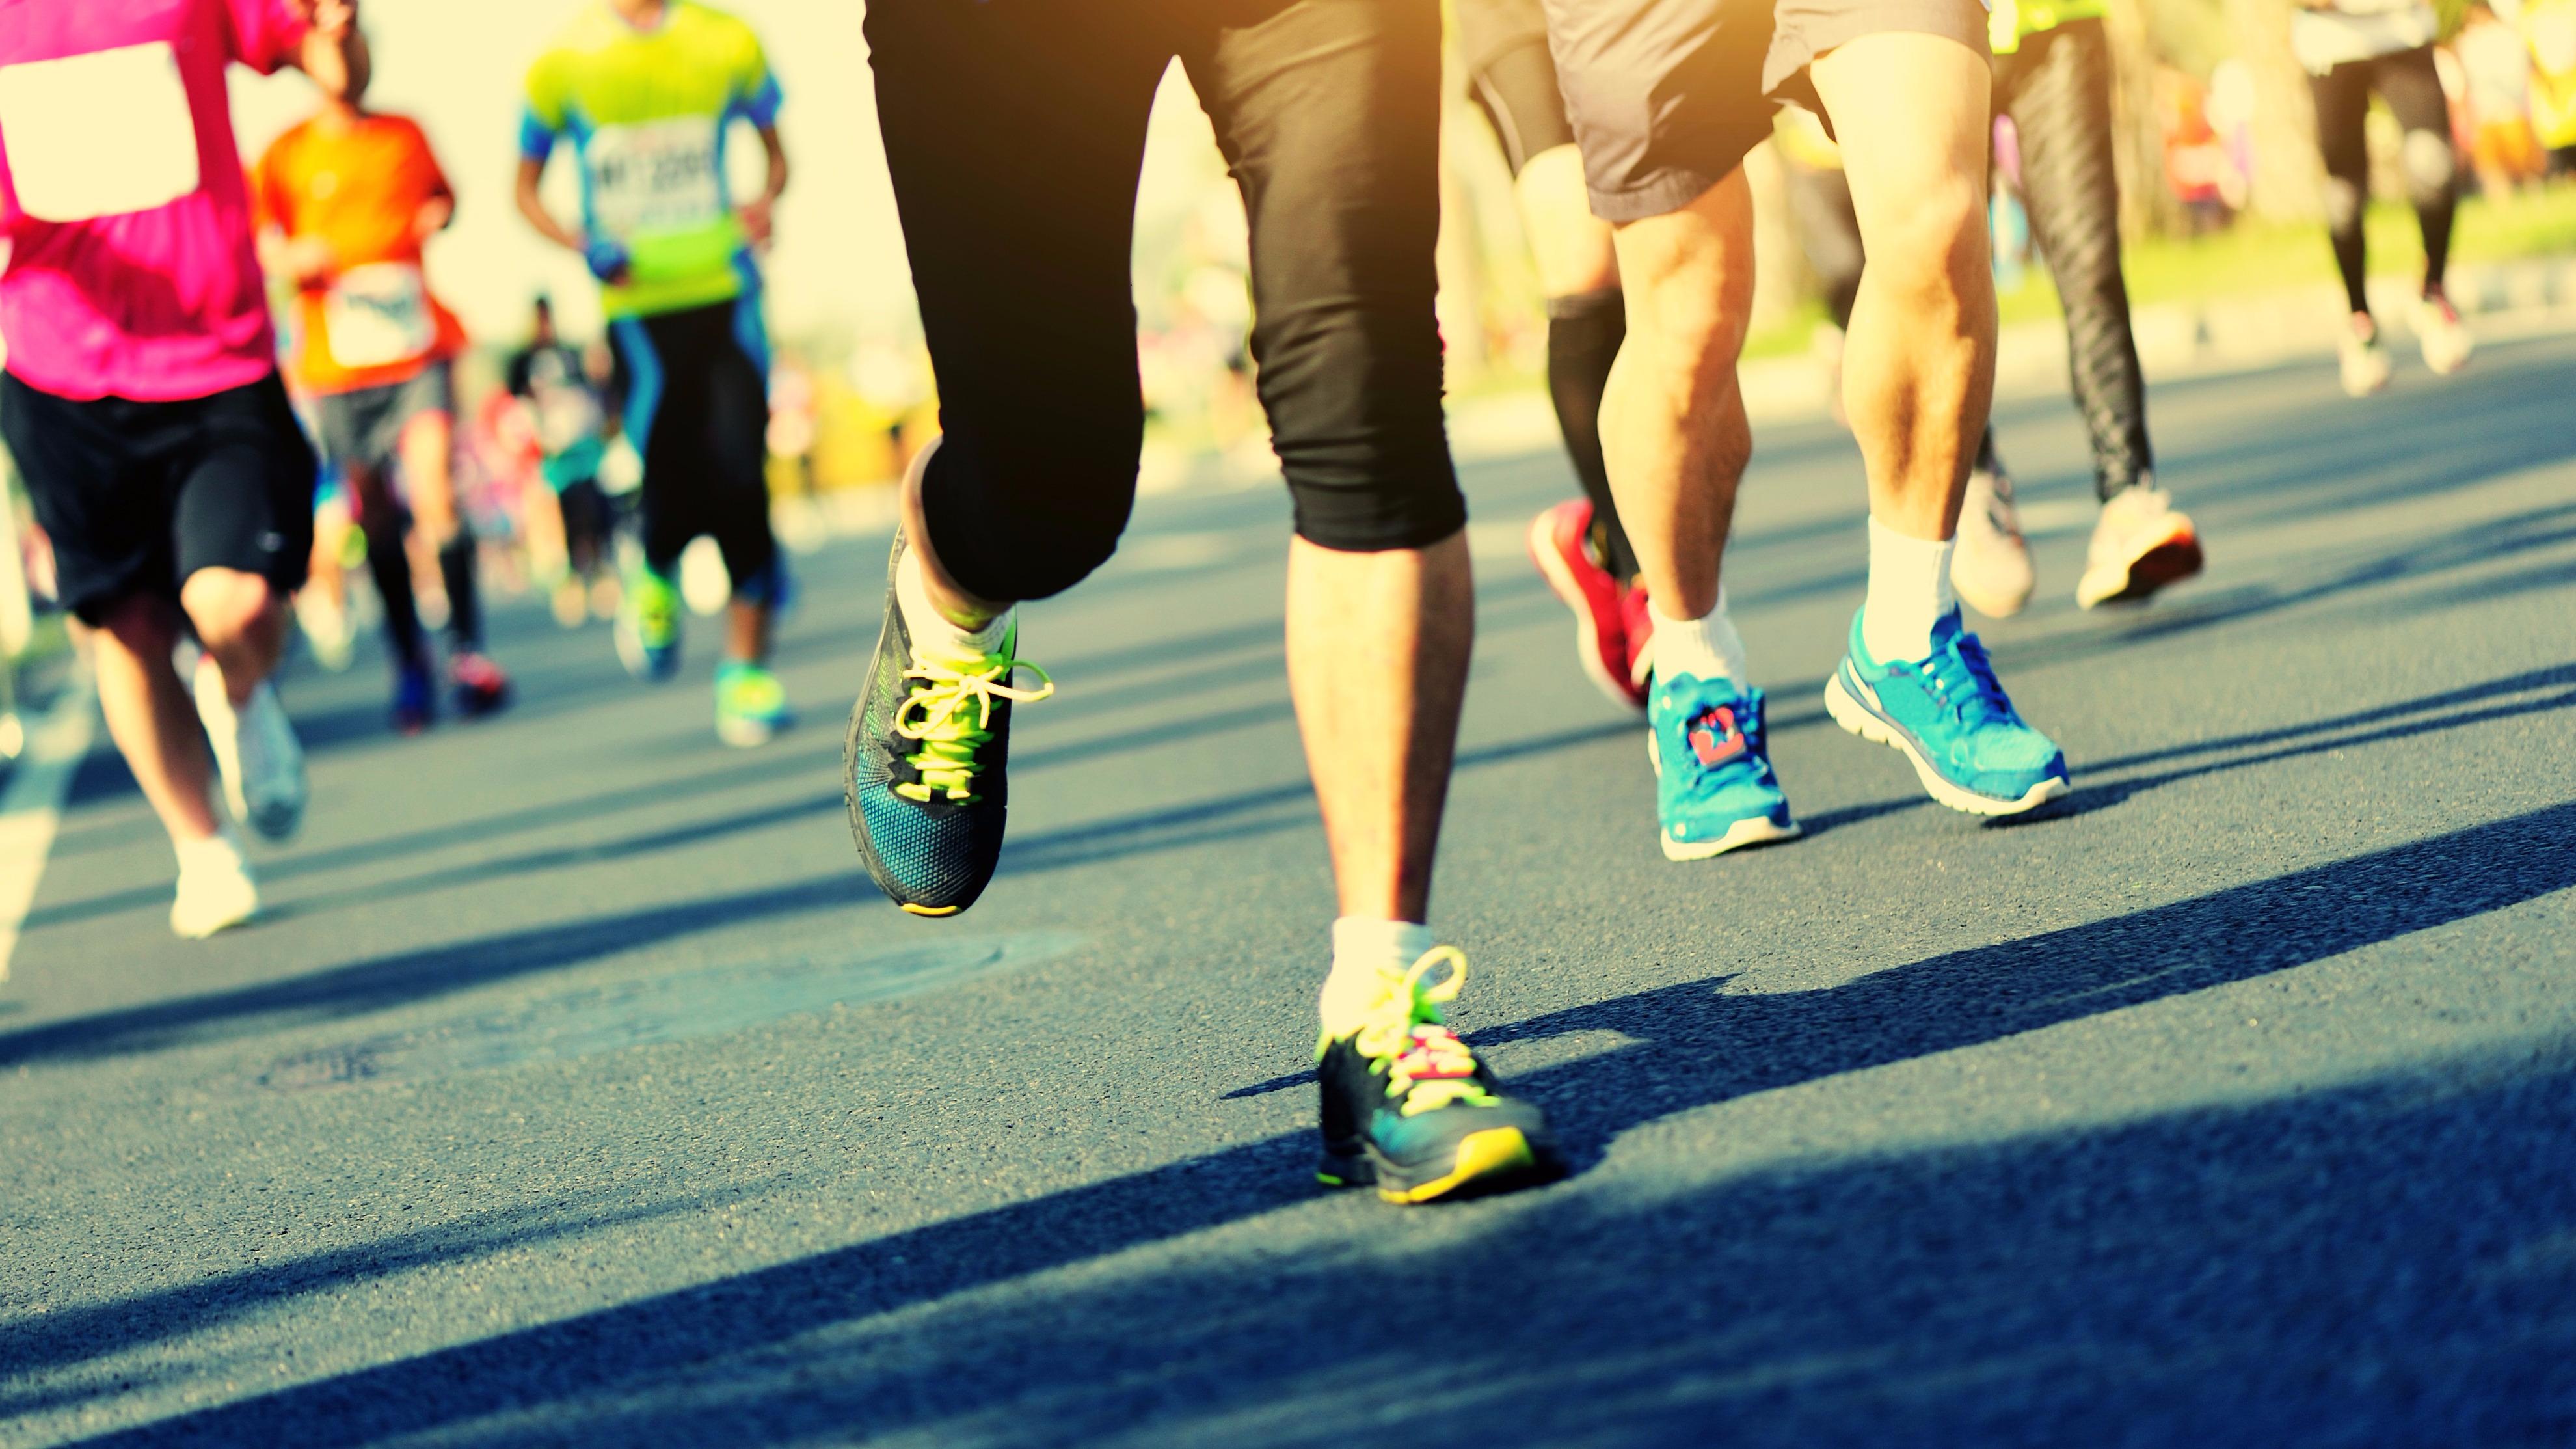 Si bien existen cuatro tipos de respiraciones (abdominales, torácicas, claviculares y totales), solo dos son usadas en el ejercicio físico, elija la que mejor se acomode a tu ritmo de carrera.